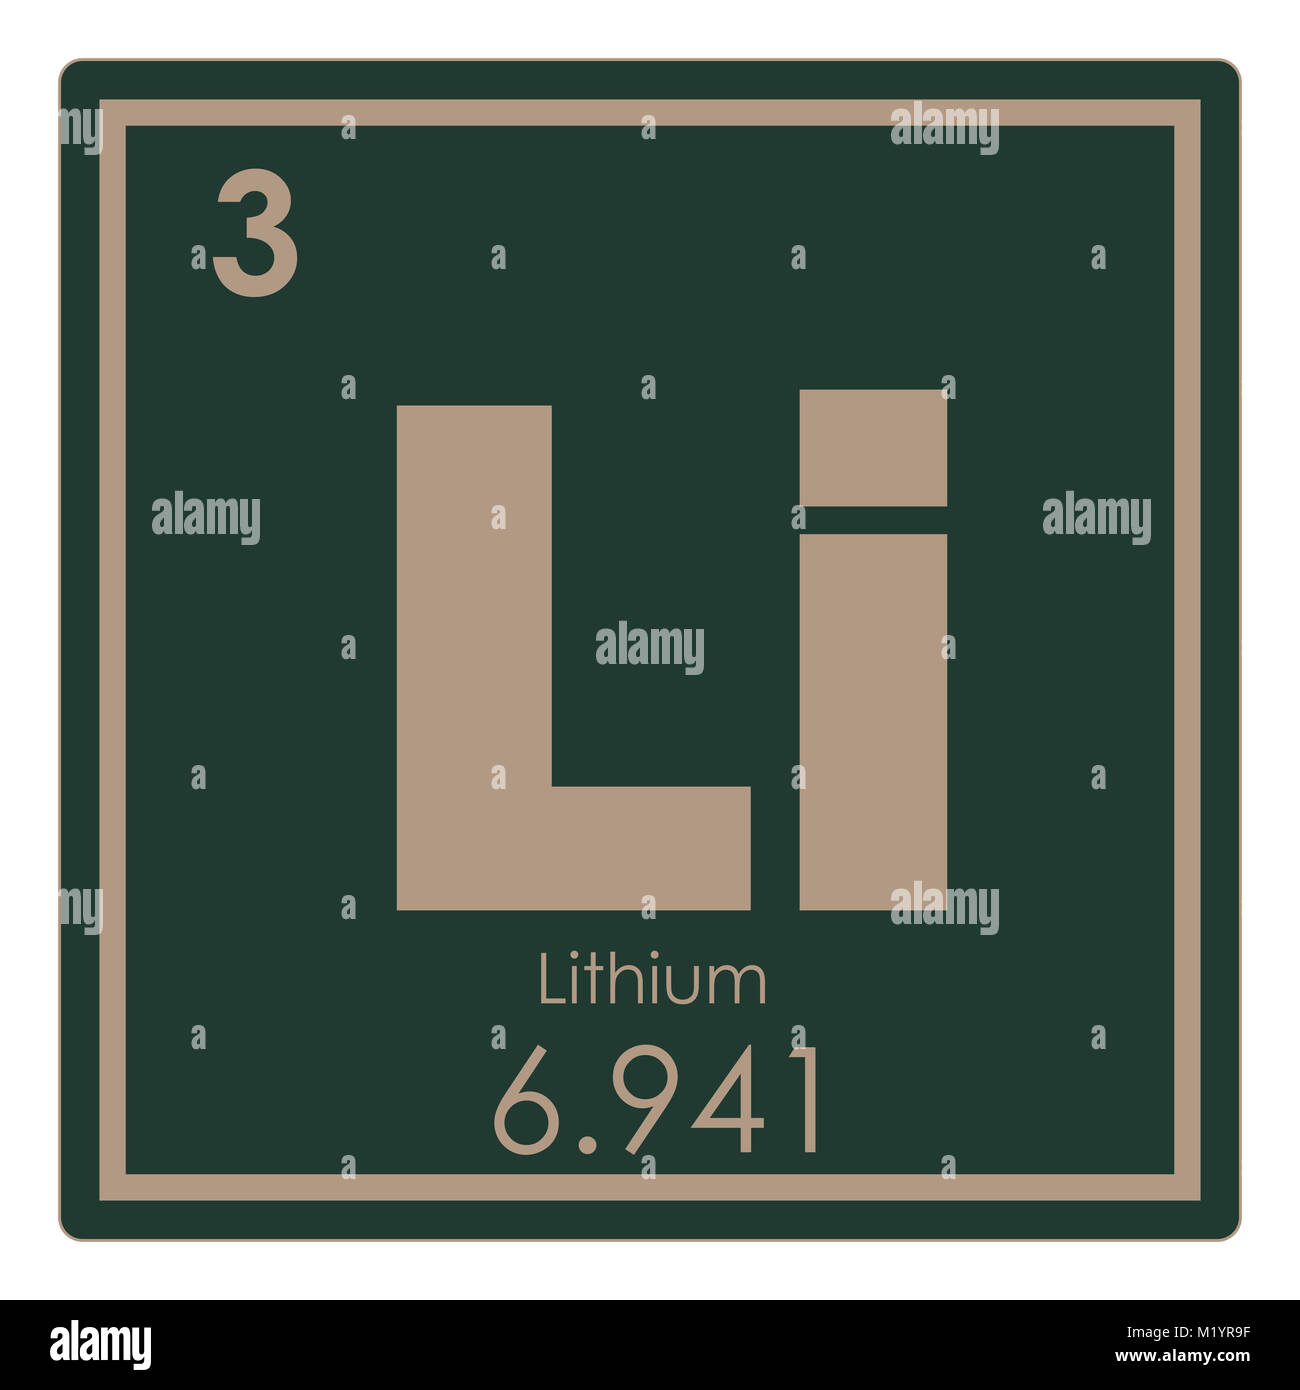 tabla peridica de elementos qumicos de litio ciencia smbolo imagen de stock - Tabla Periodica Litio